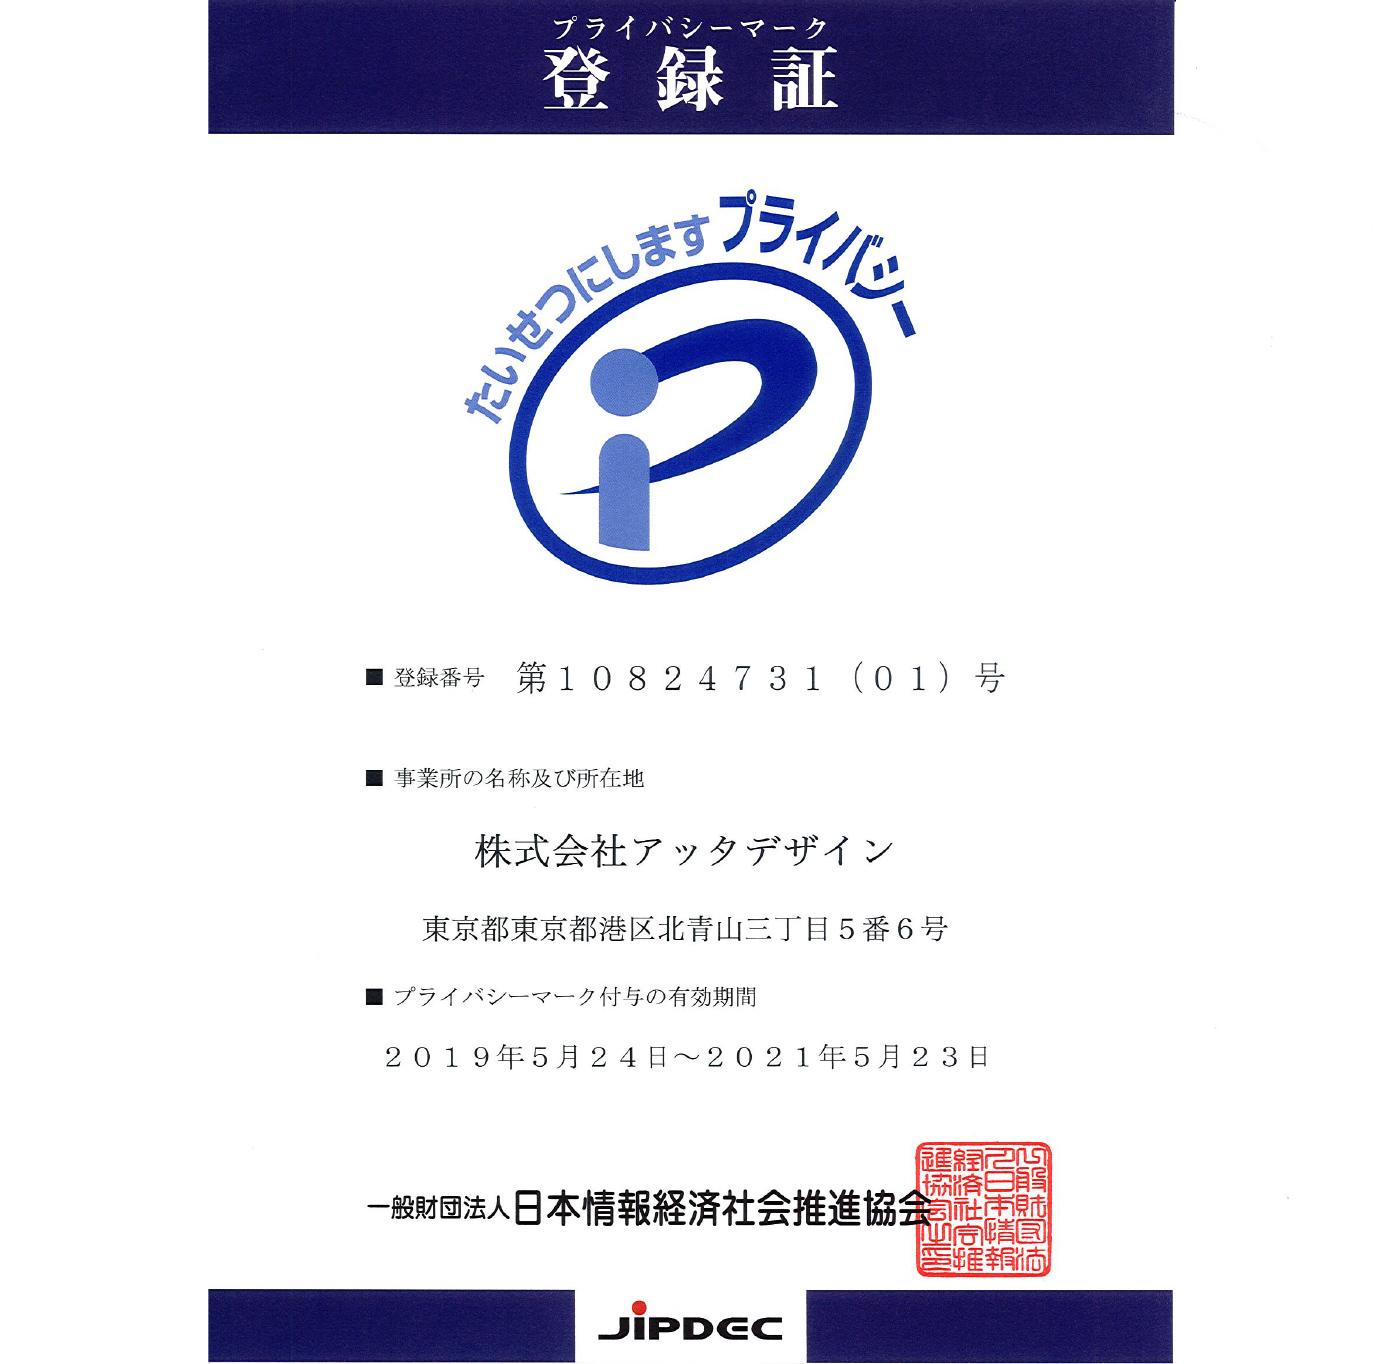 プライバシーマーク登録証 登録番号 : 第10824731(01)号 事業所名 : 株式会社アッタデザイン プライバシーマーク付与の有効期間 : 2019年5月24日〜2021年5月23日